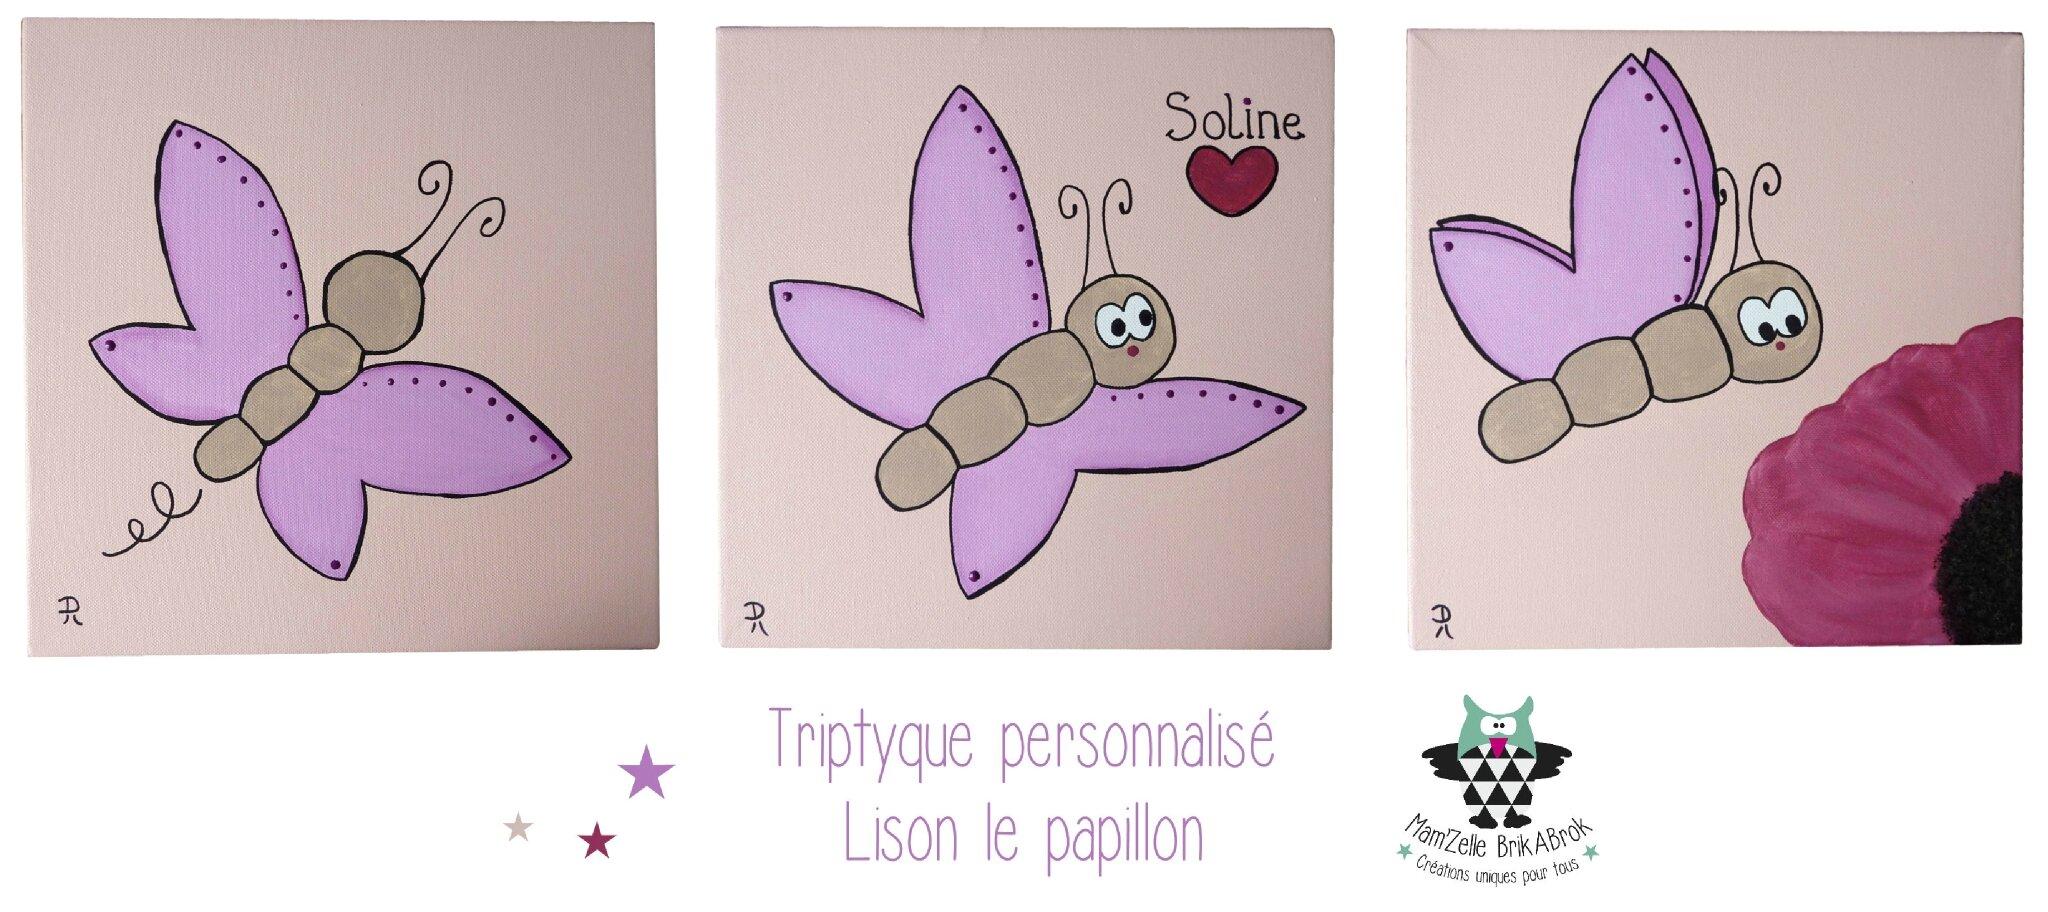 Triptyque personnalisé Lison le papillon